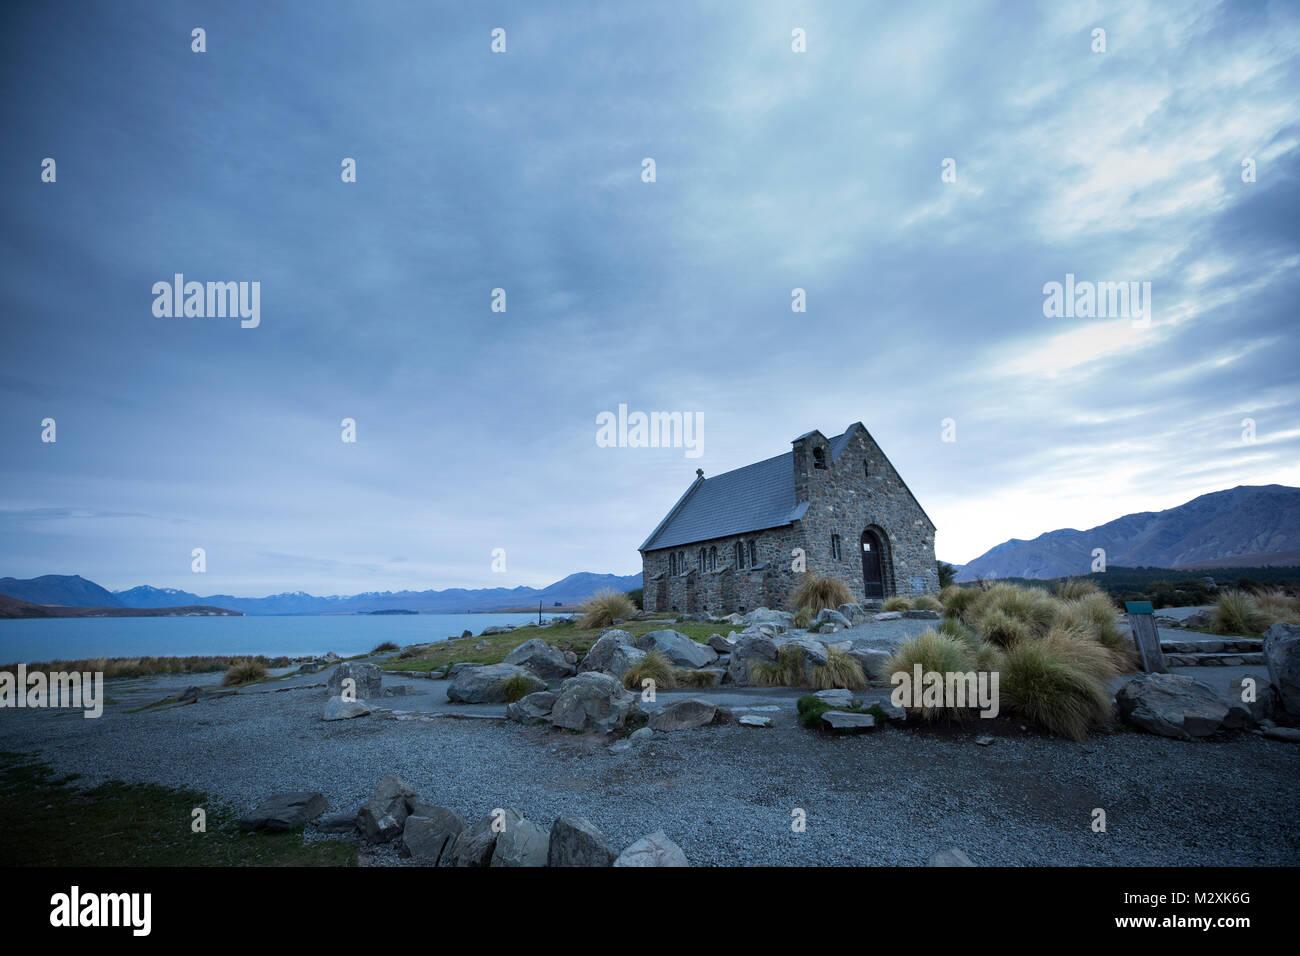 The South Island of New Zealand Tekapo Wrangler Church - Stock Image